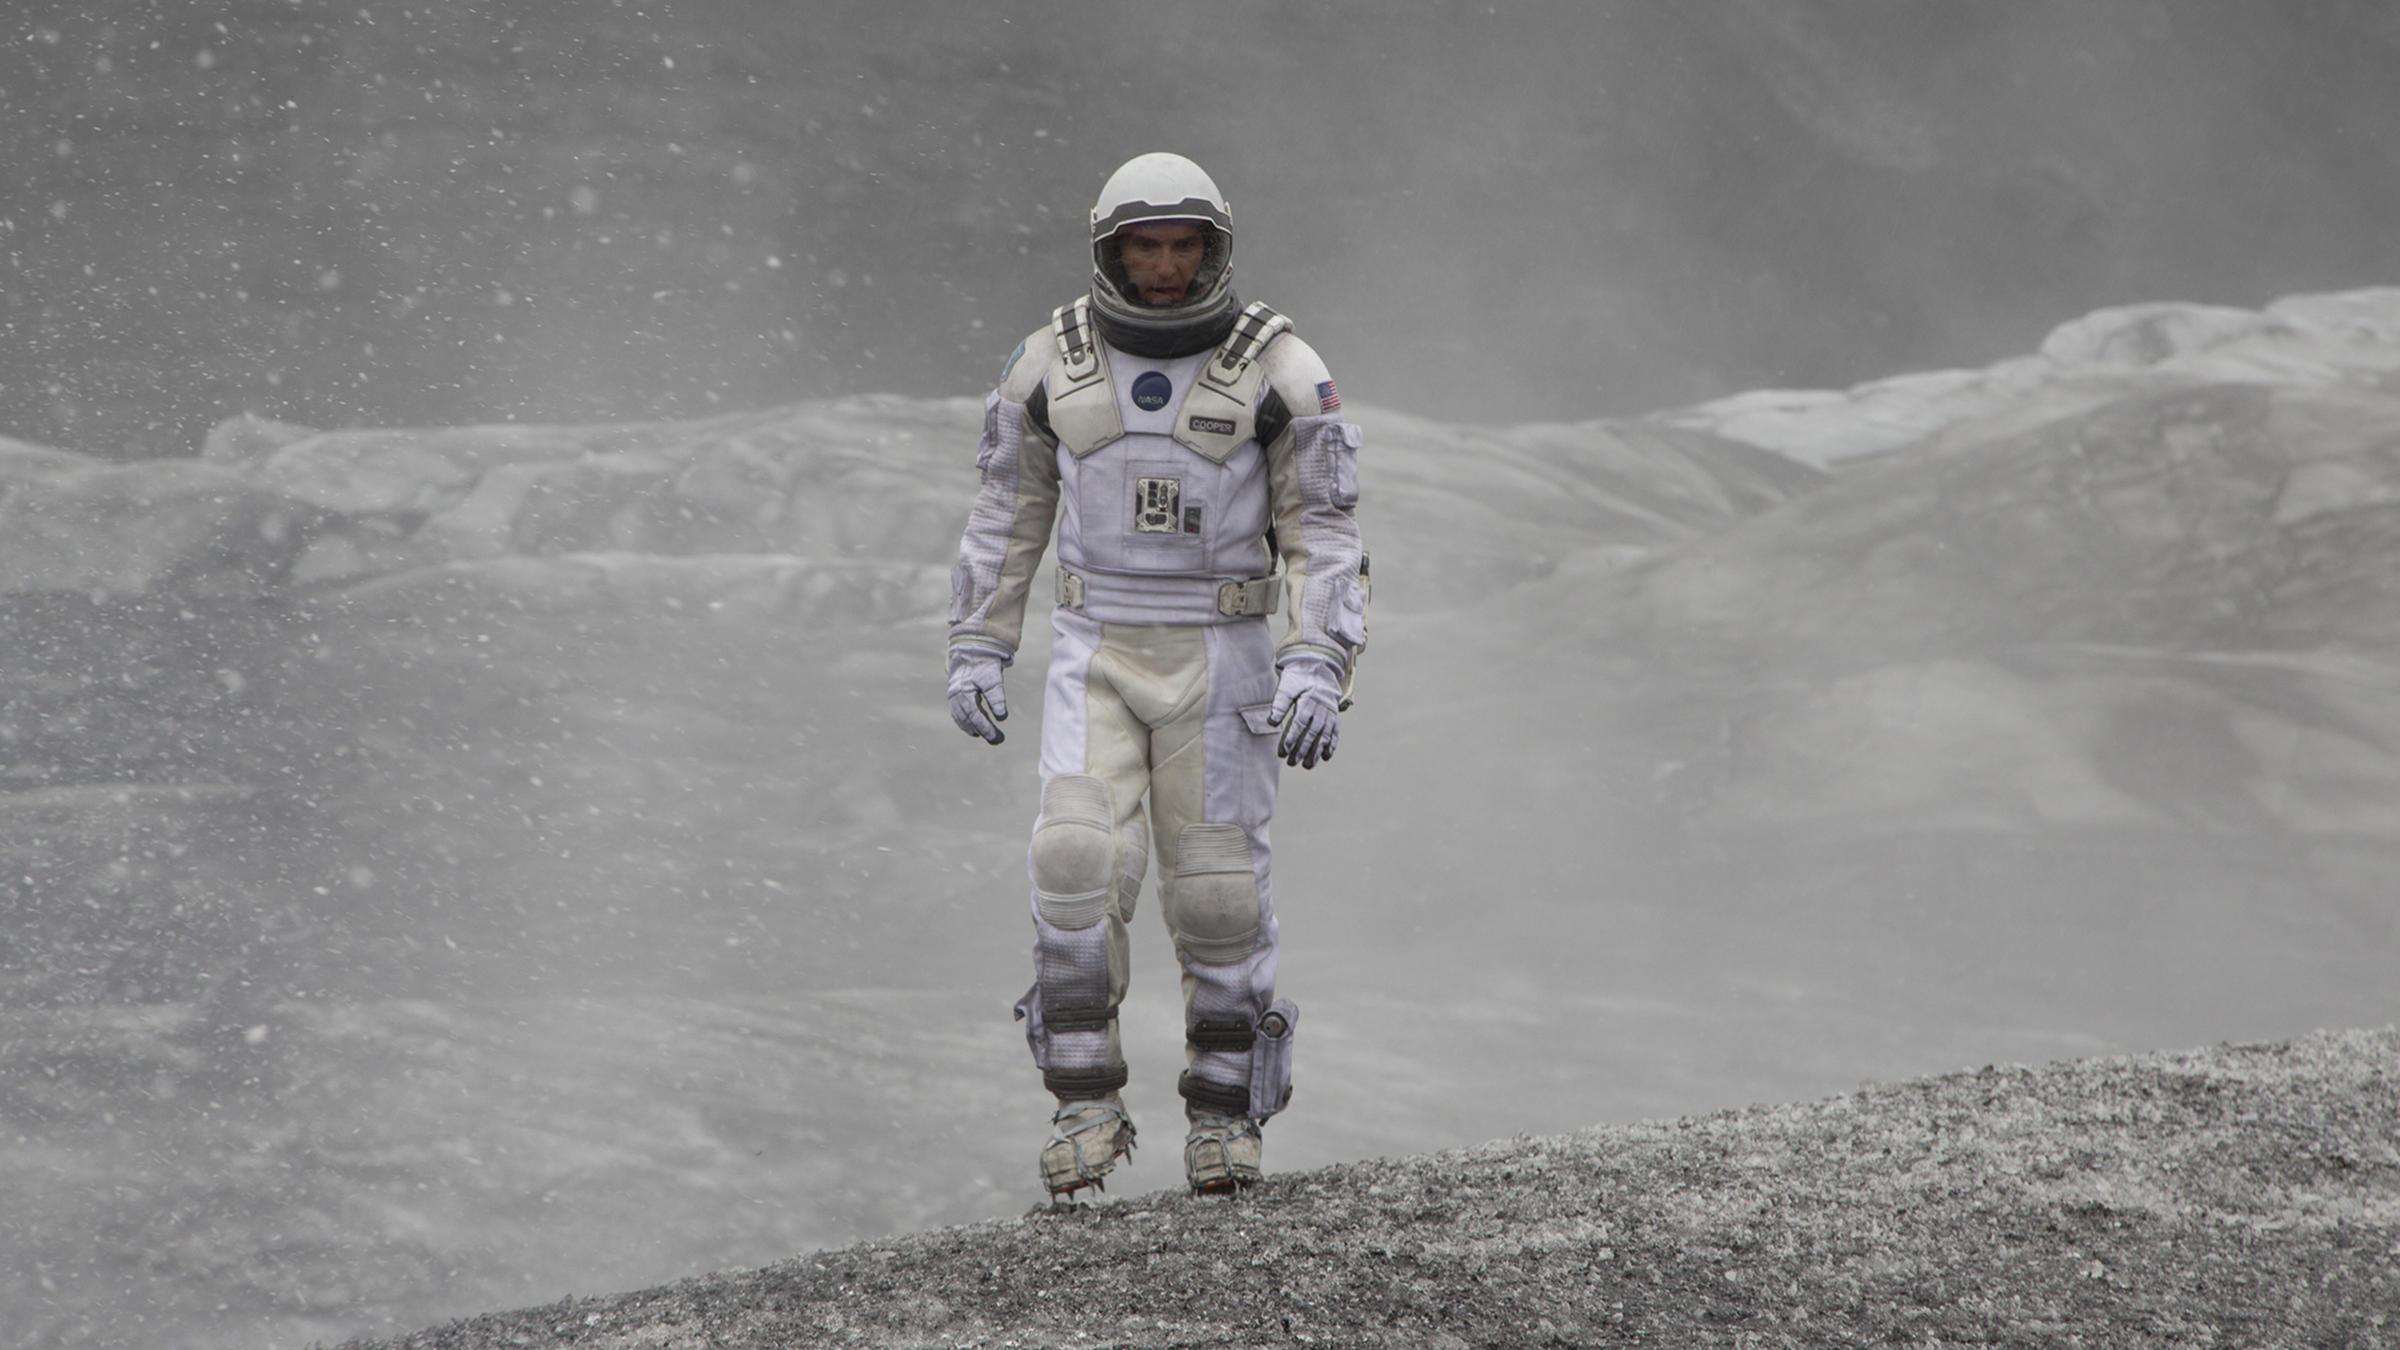 A still from the movie Interstellar